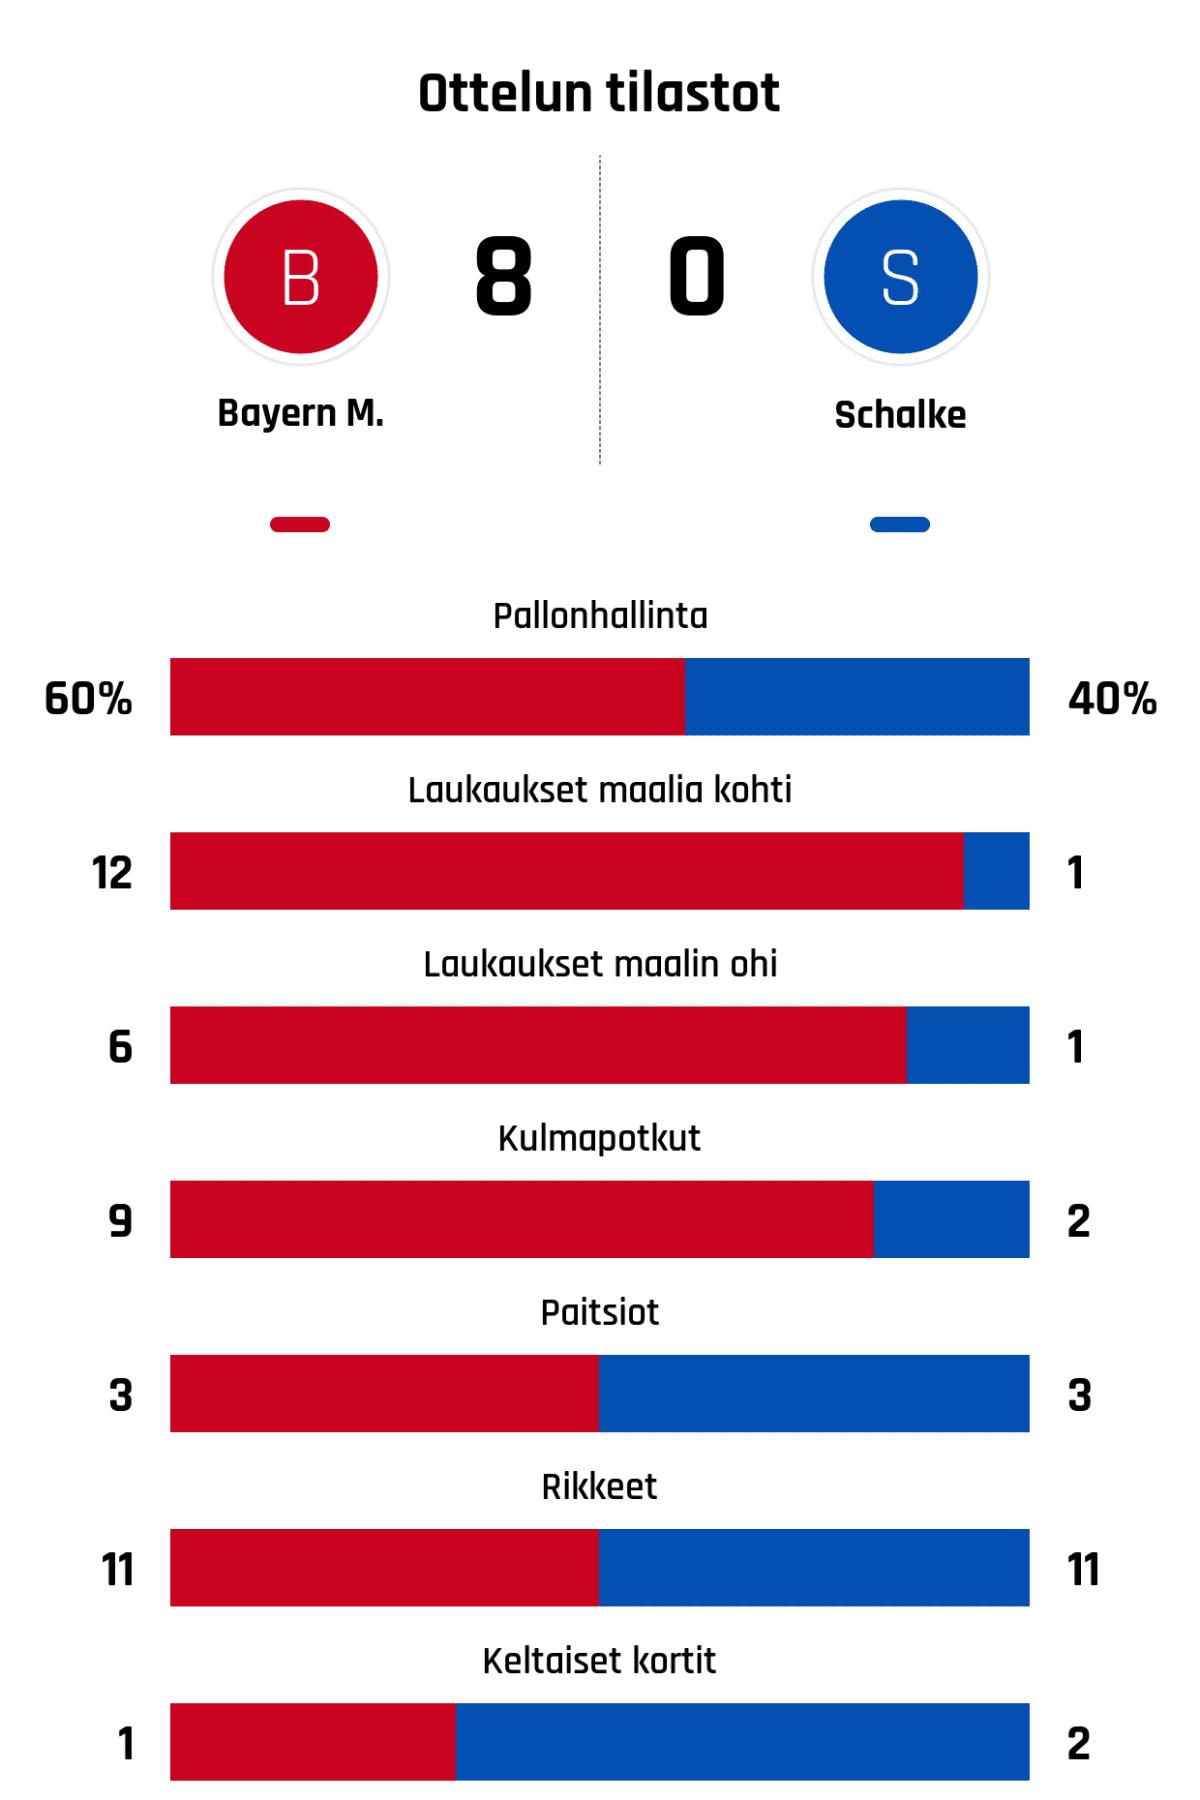 Pallonhallinta 60%-40% Laukaukset maalia kohti 12-1 Laukaukset maalin ohi 6-1 Kulmapotkut 9-2 Paitsiot 3-3 Rikkeet 11-11 Keltaiset kortit 1-2